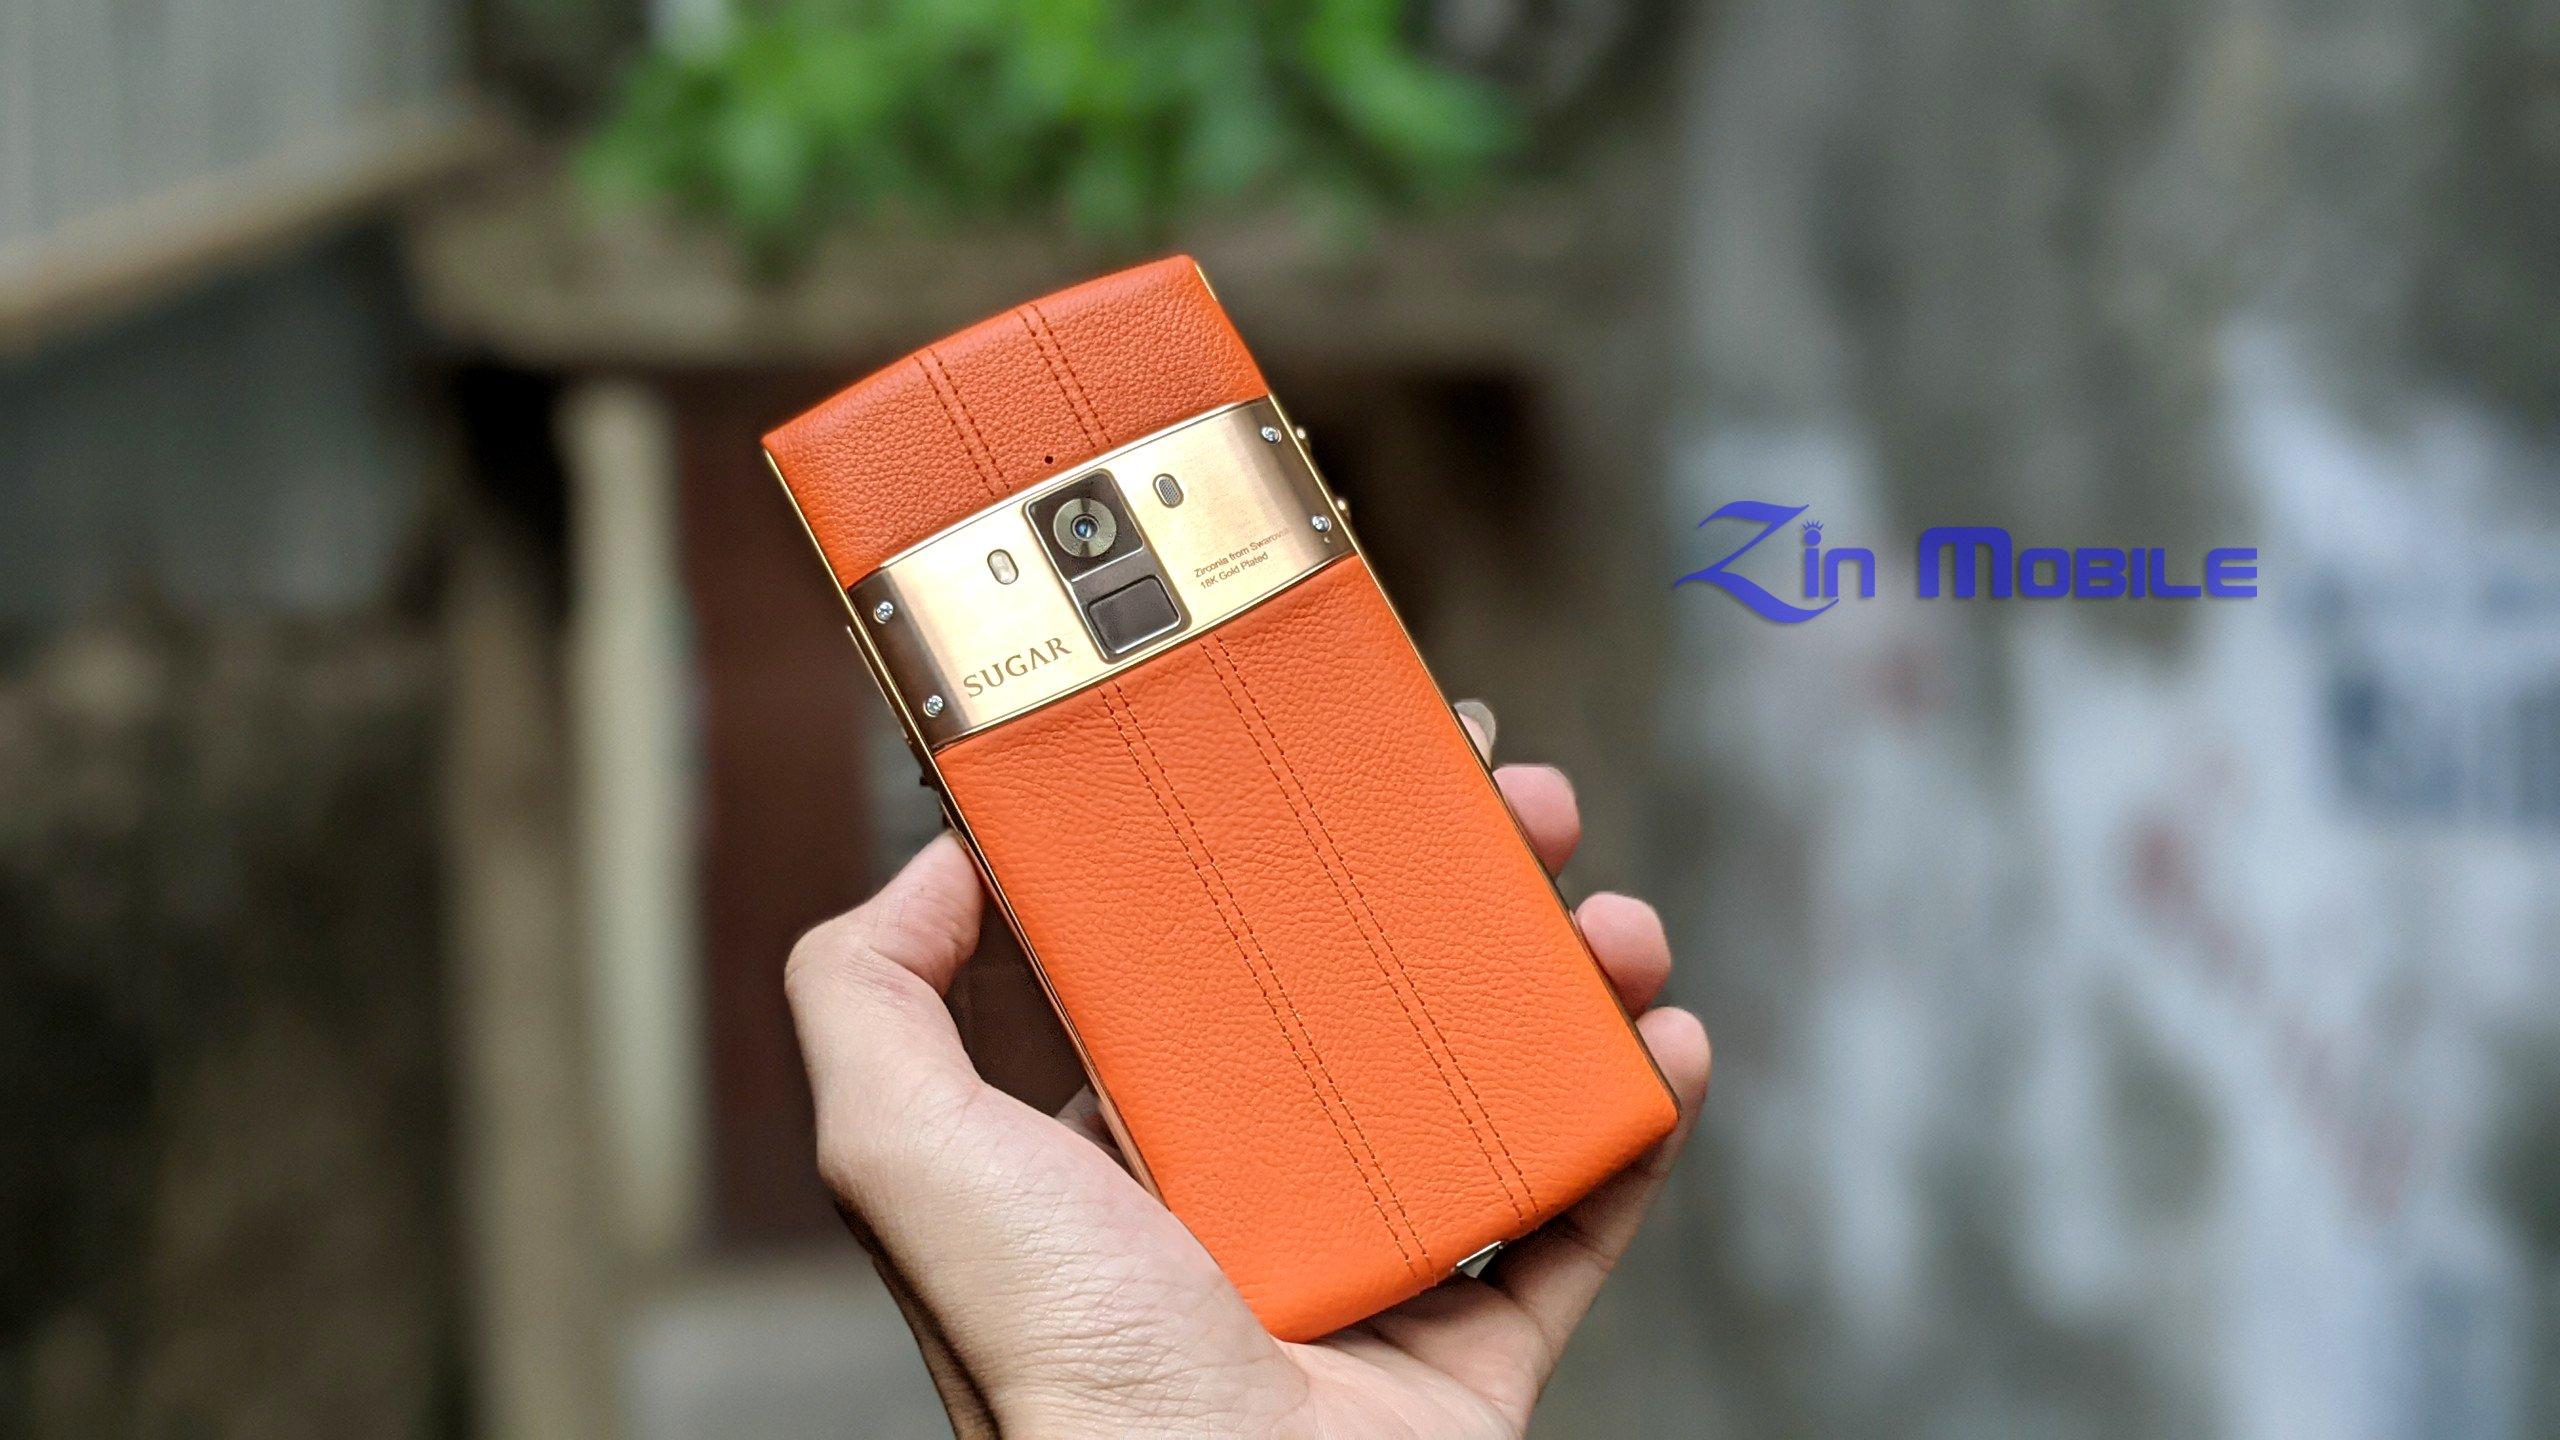 Điện thoại Sugar S30 Dual SIM/ Thương hiệu Pháp - Sang trọng, Lưng Da, mạ vàng 18K tại Zinmobile